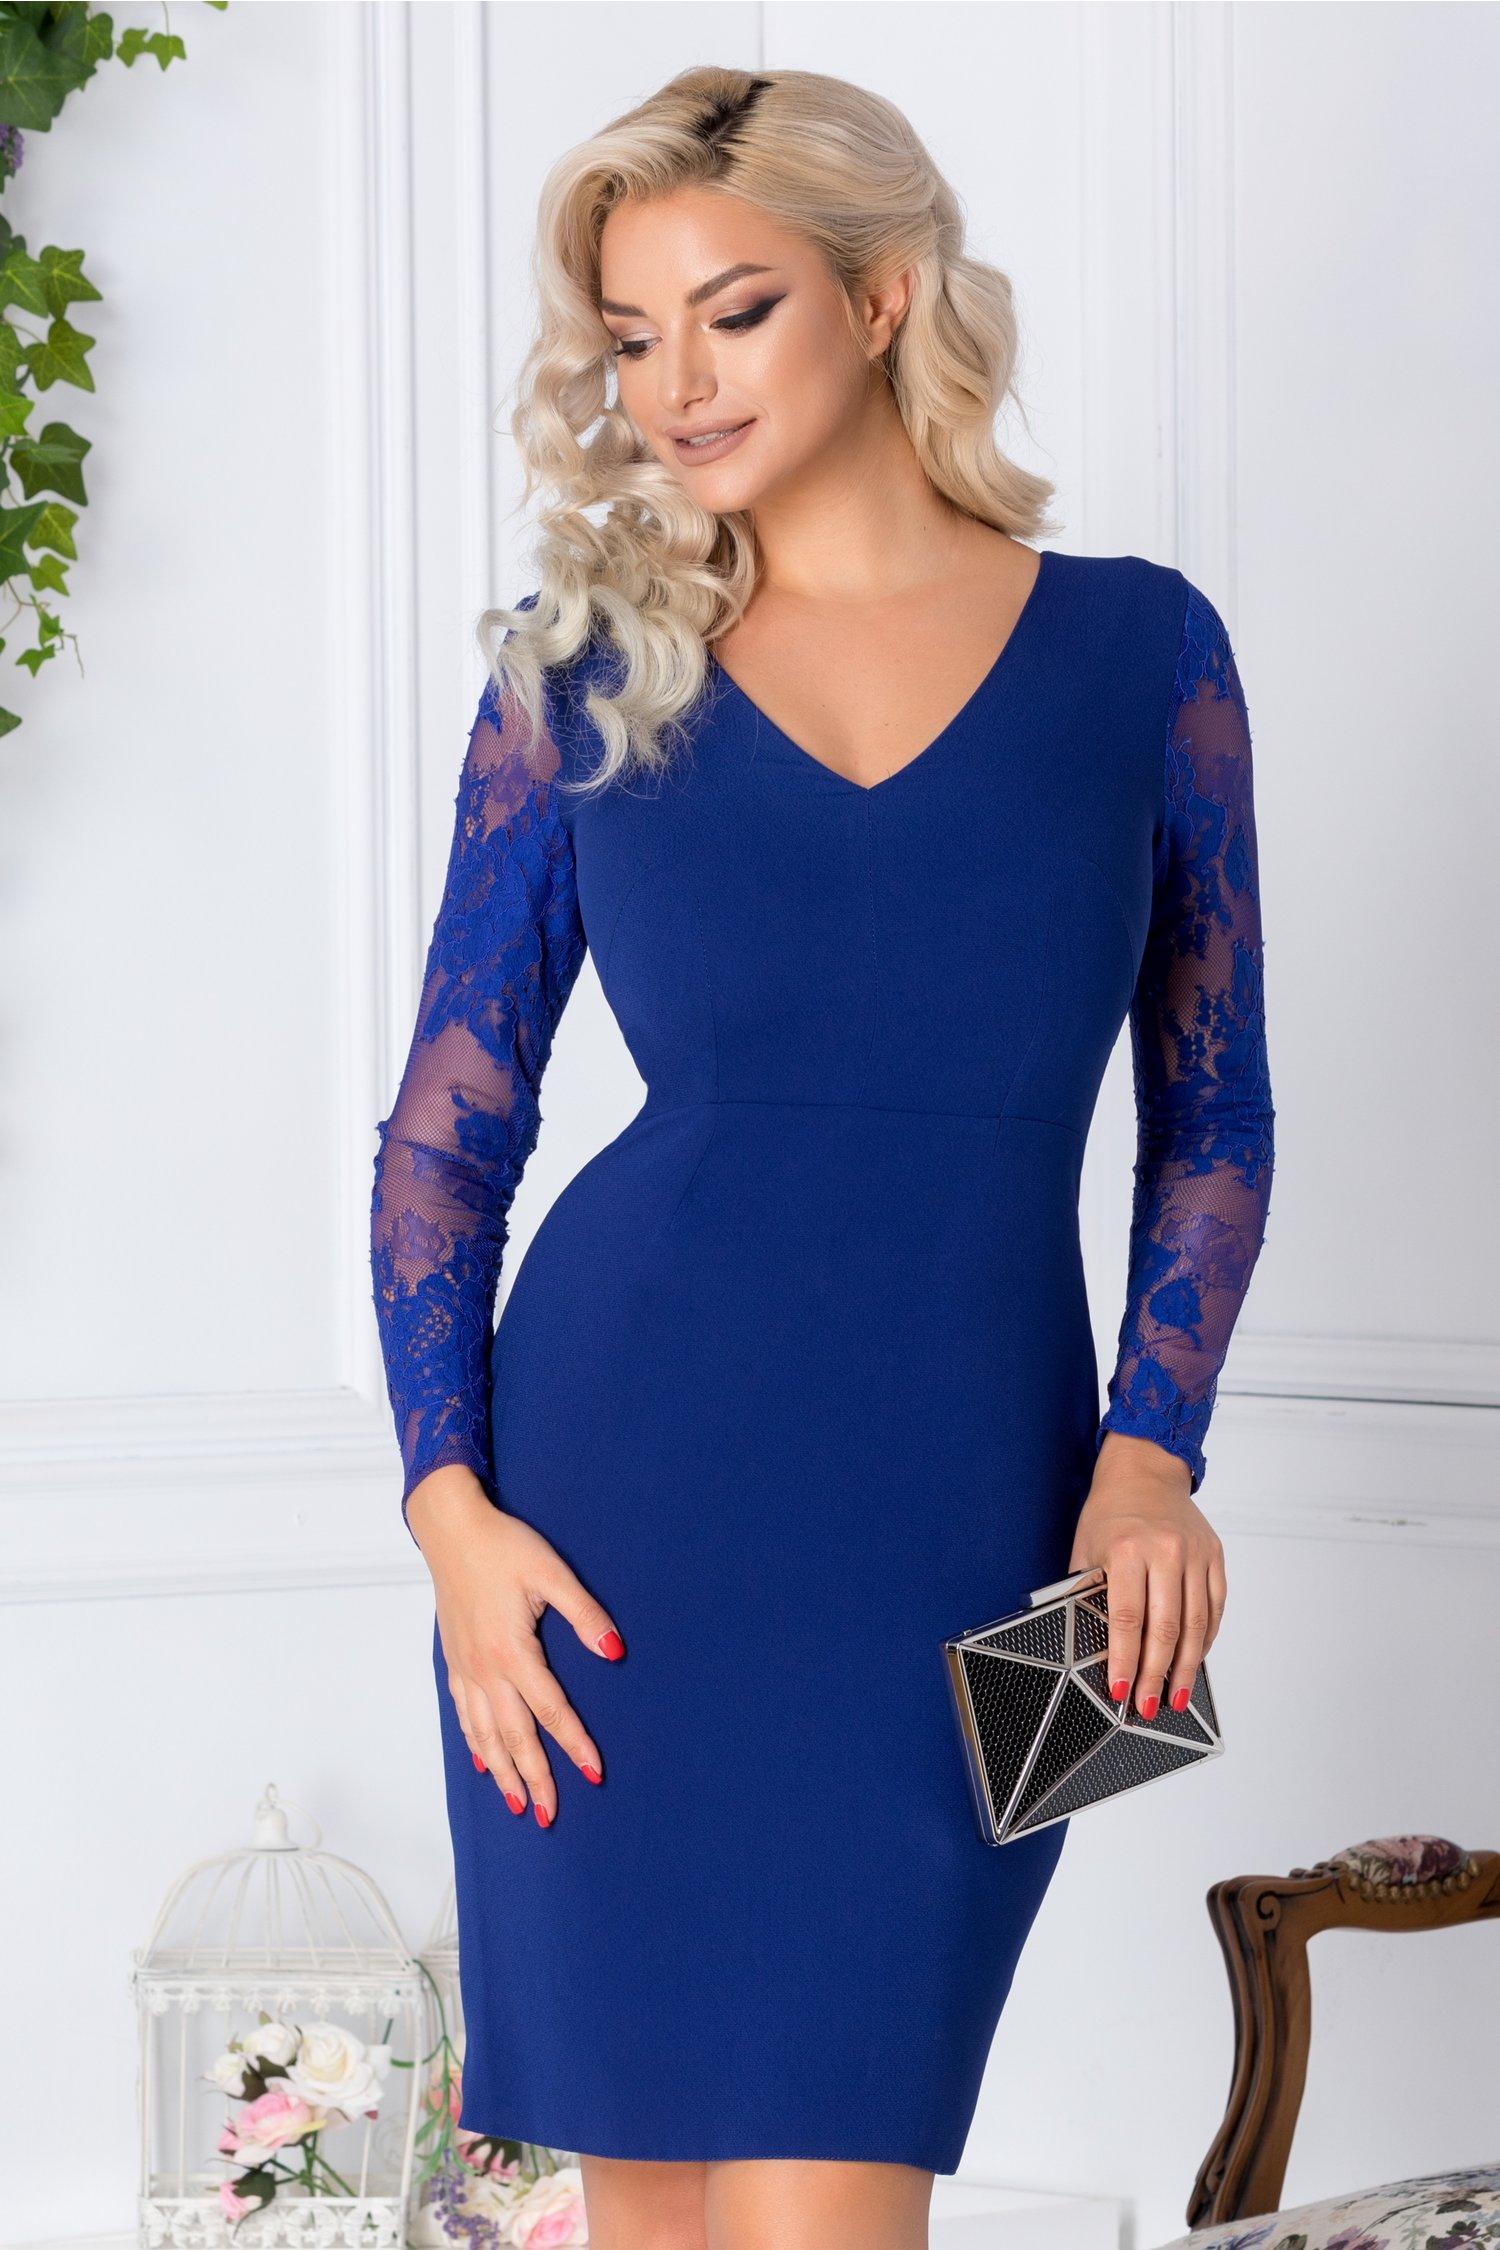 Rochie Moze albastru royal cu maneci din dantela